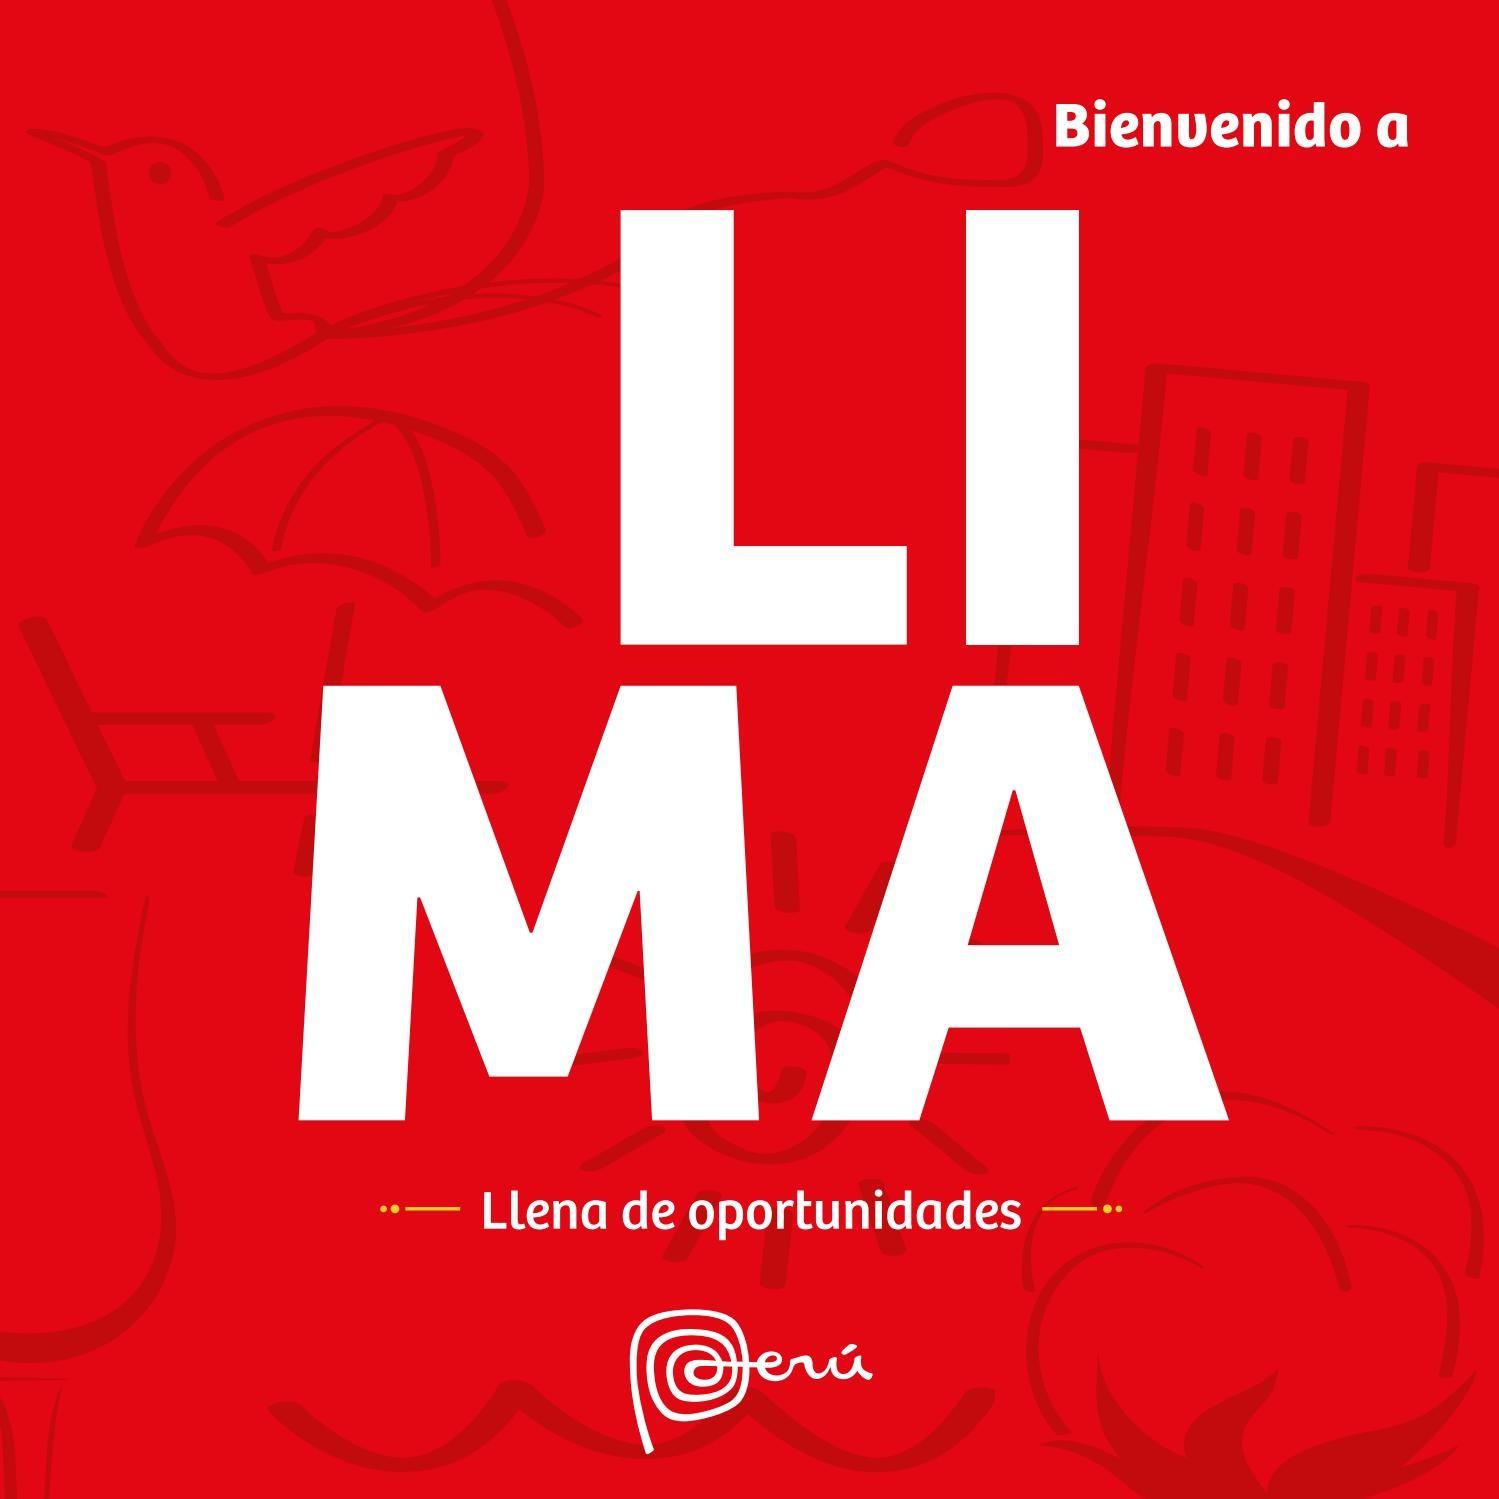 Calendario 2019 Escolar Caba Más Recientes Lima Llena De Oportunidades by Visit Peru issuu Of Calendario 2019 Escolar Caba Más Caliente Colegio La Piedad